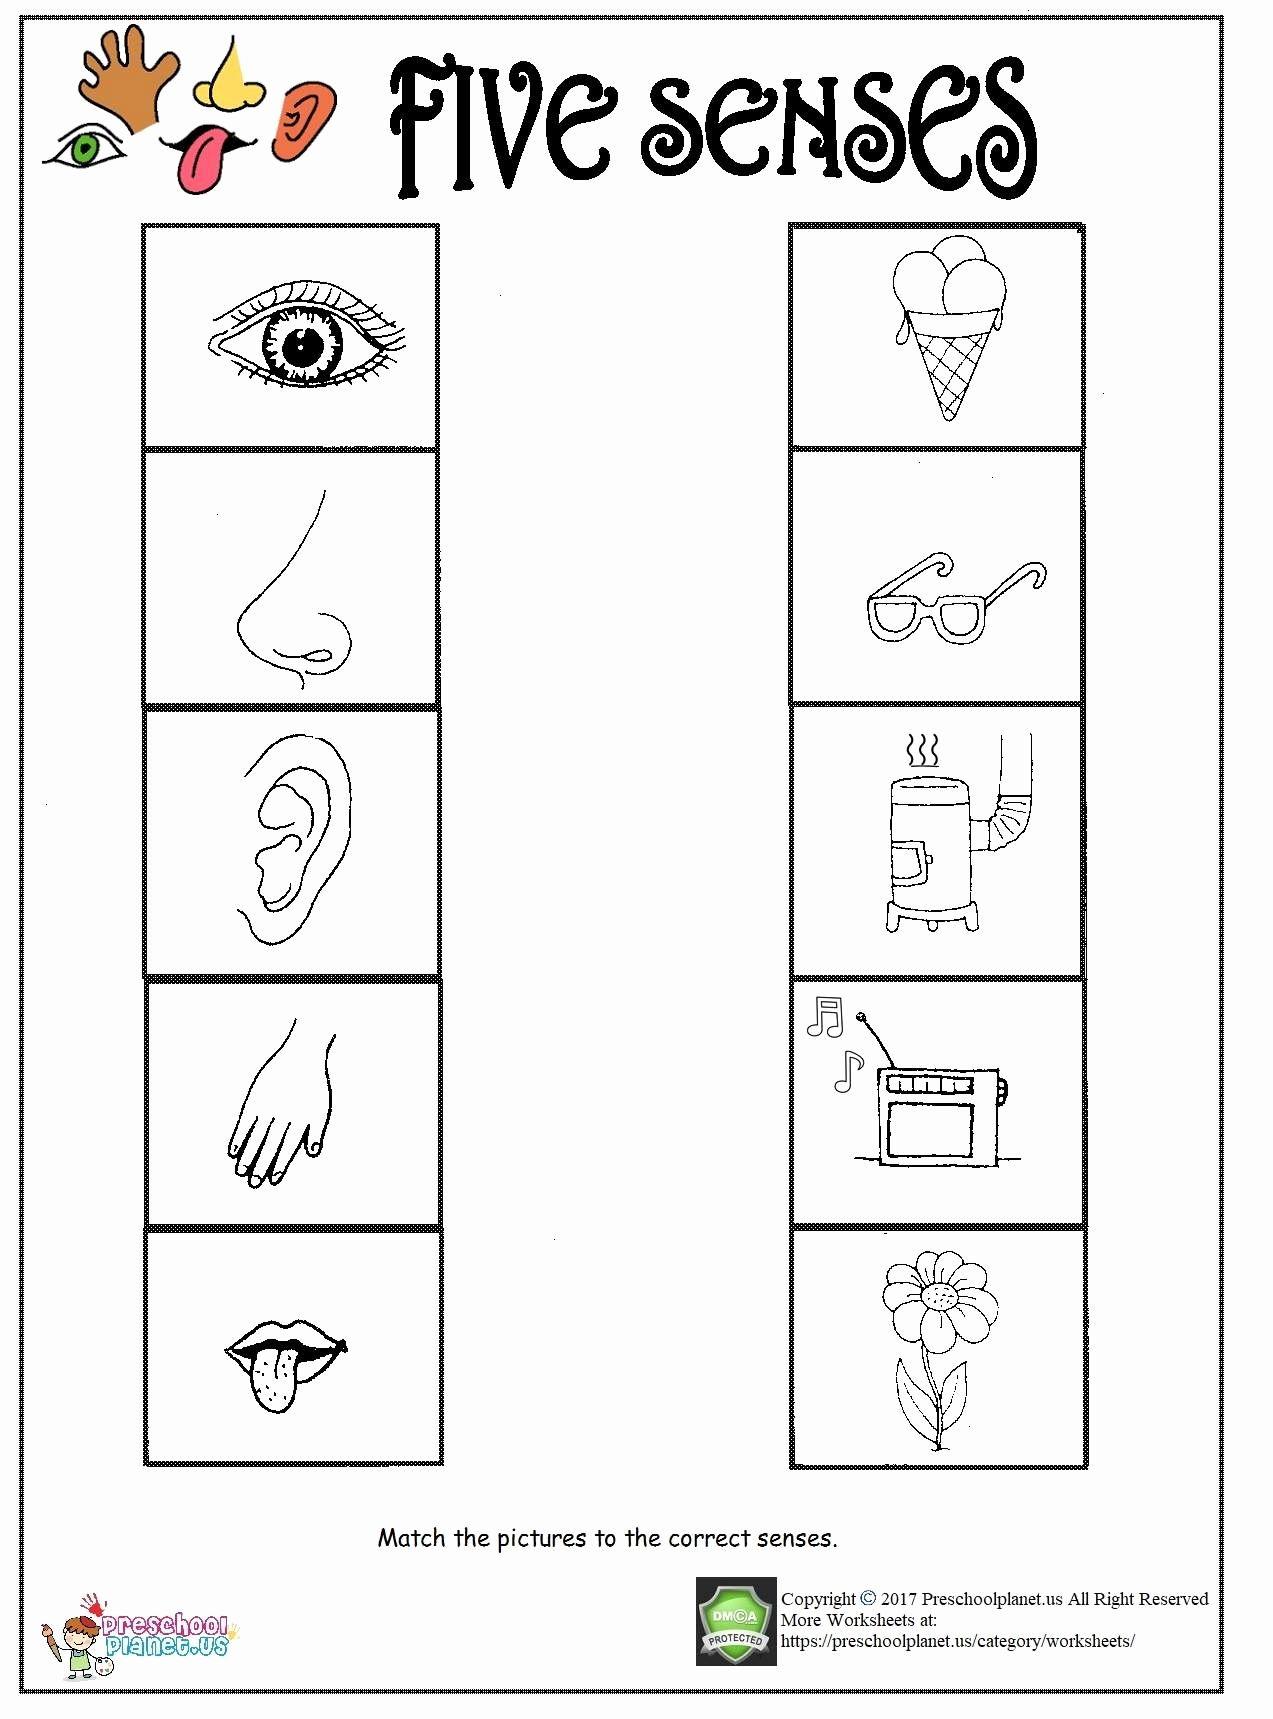 Worksheet For Kindergarten Senses In